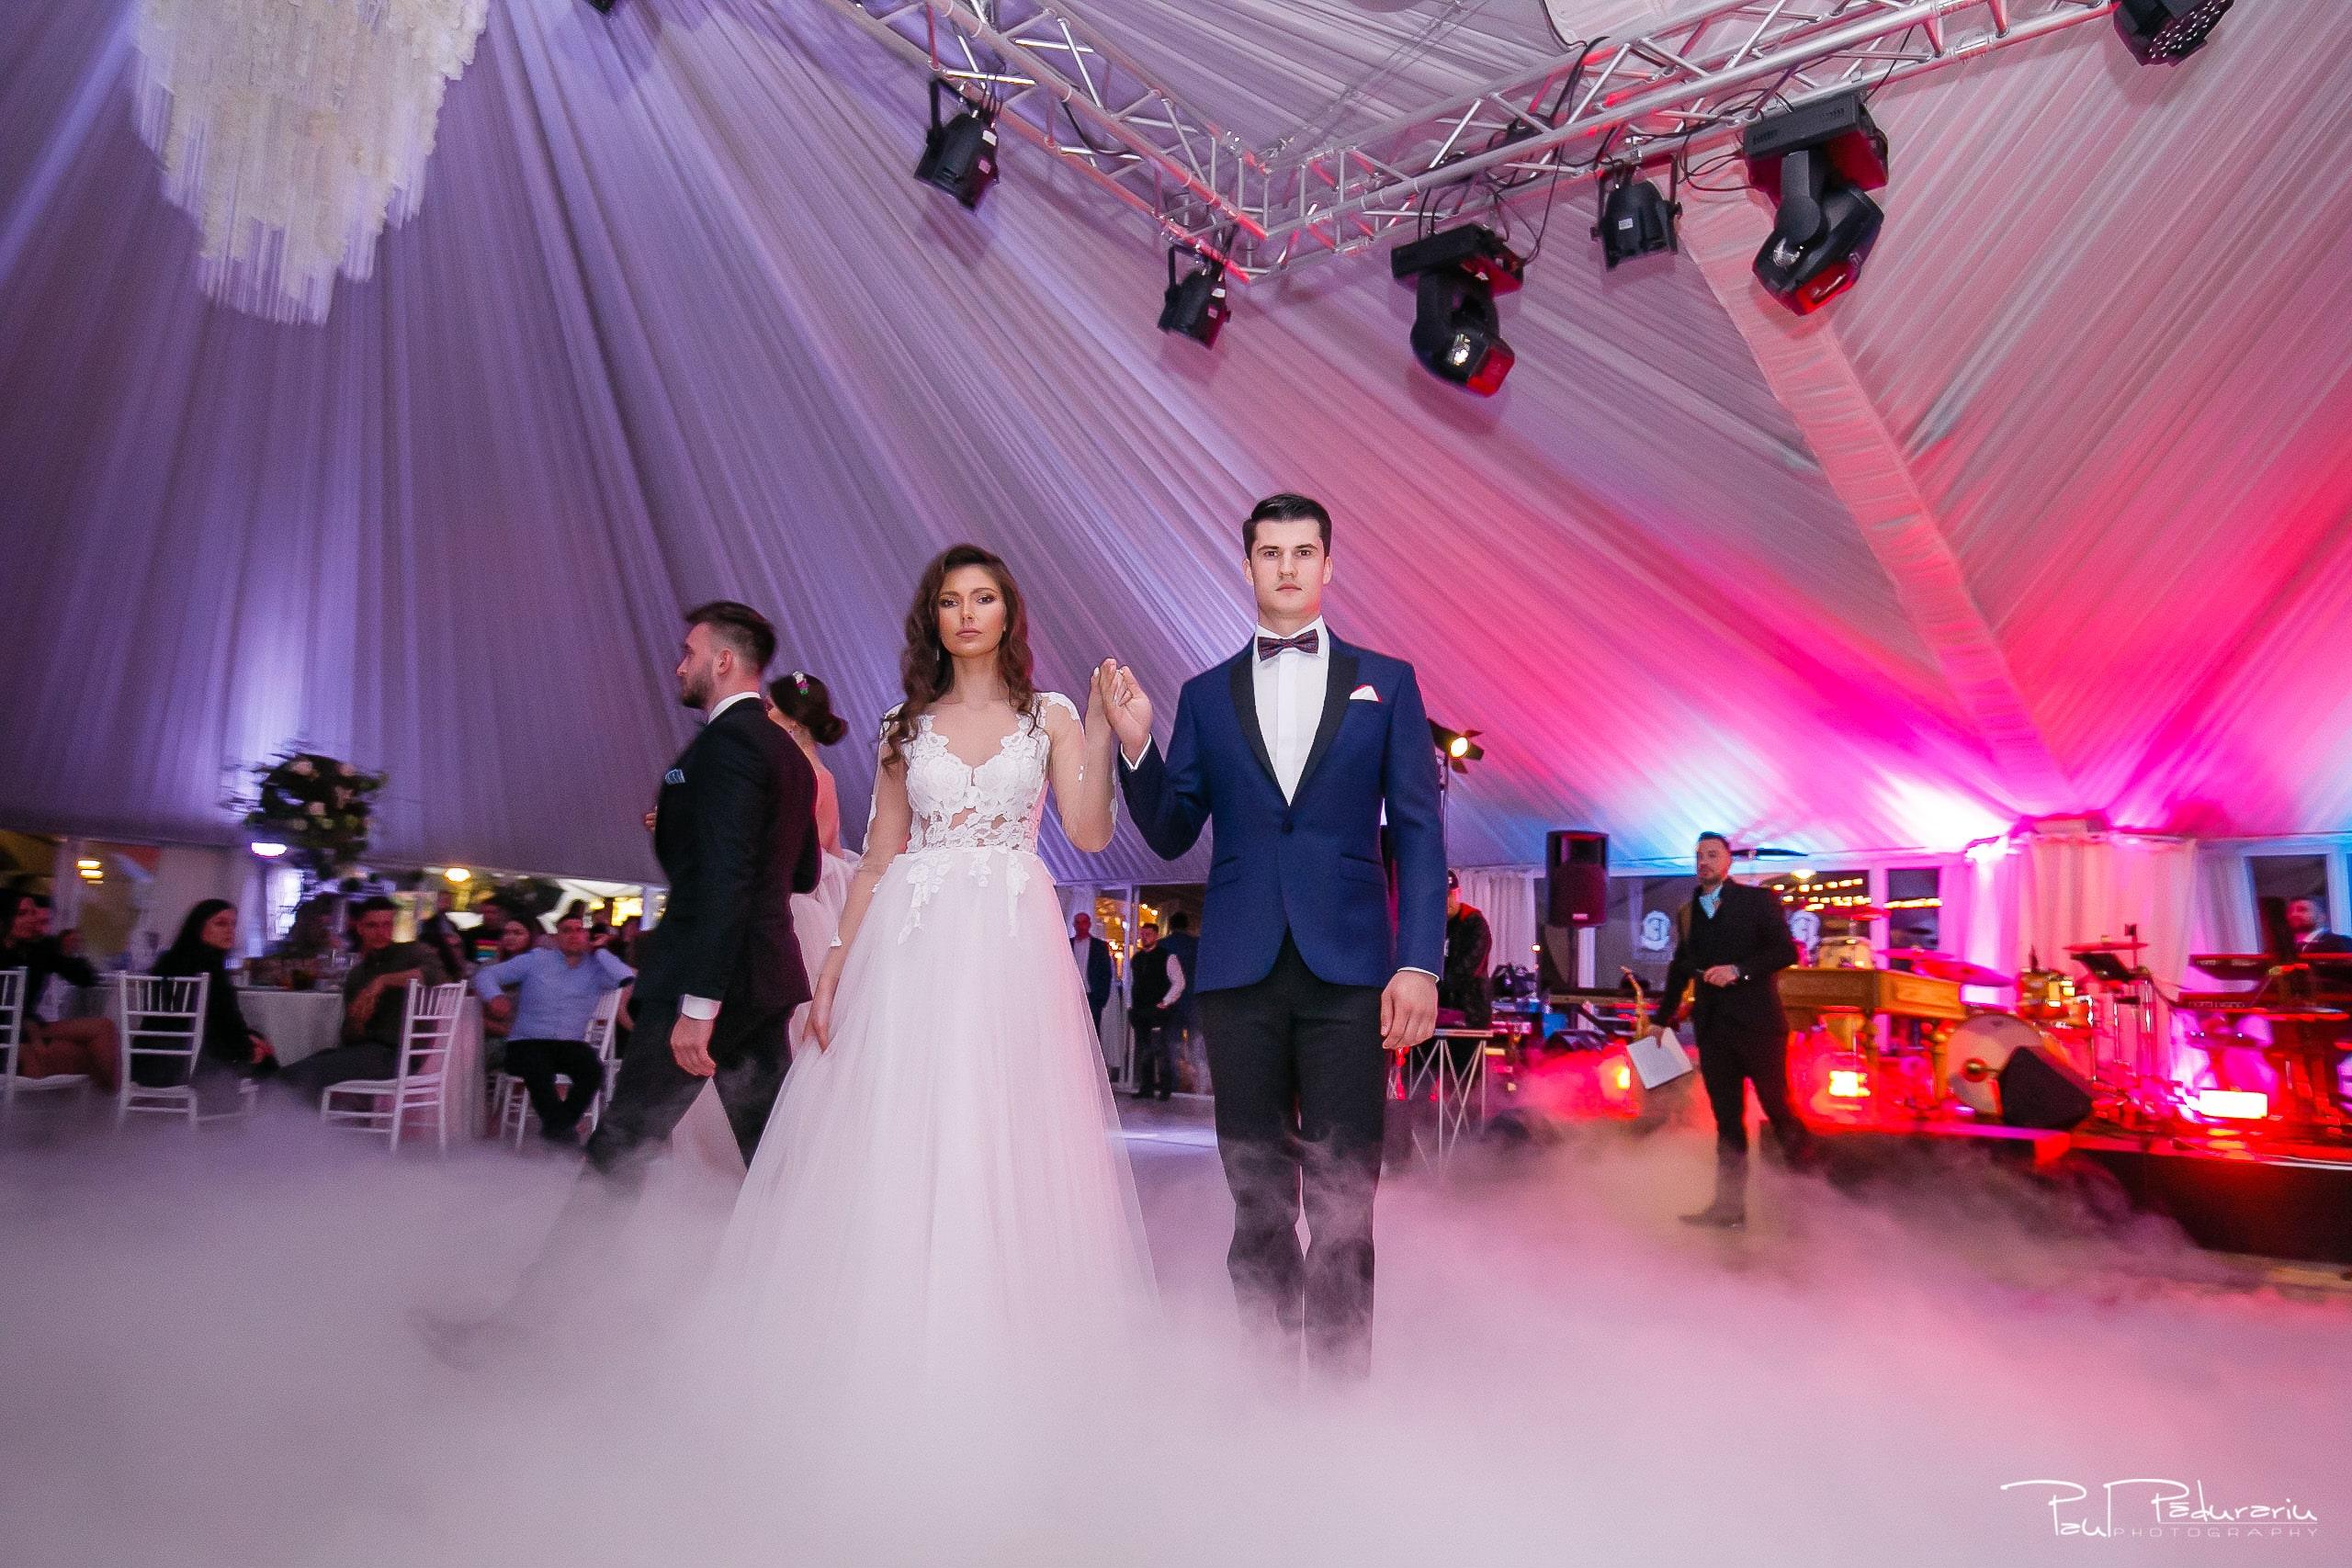 Nunta de proba Elysium Iasi 2019 paul padurariu fotograf nunta Iasi 106